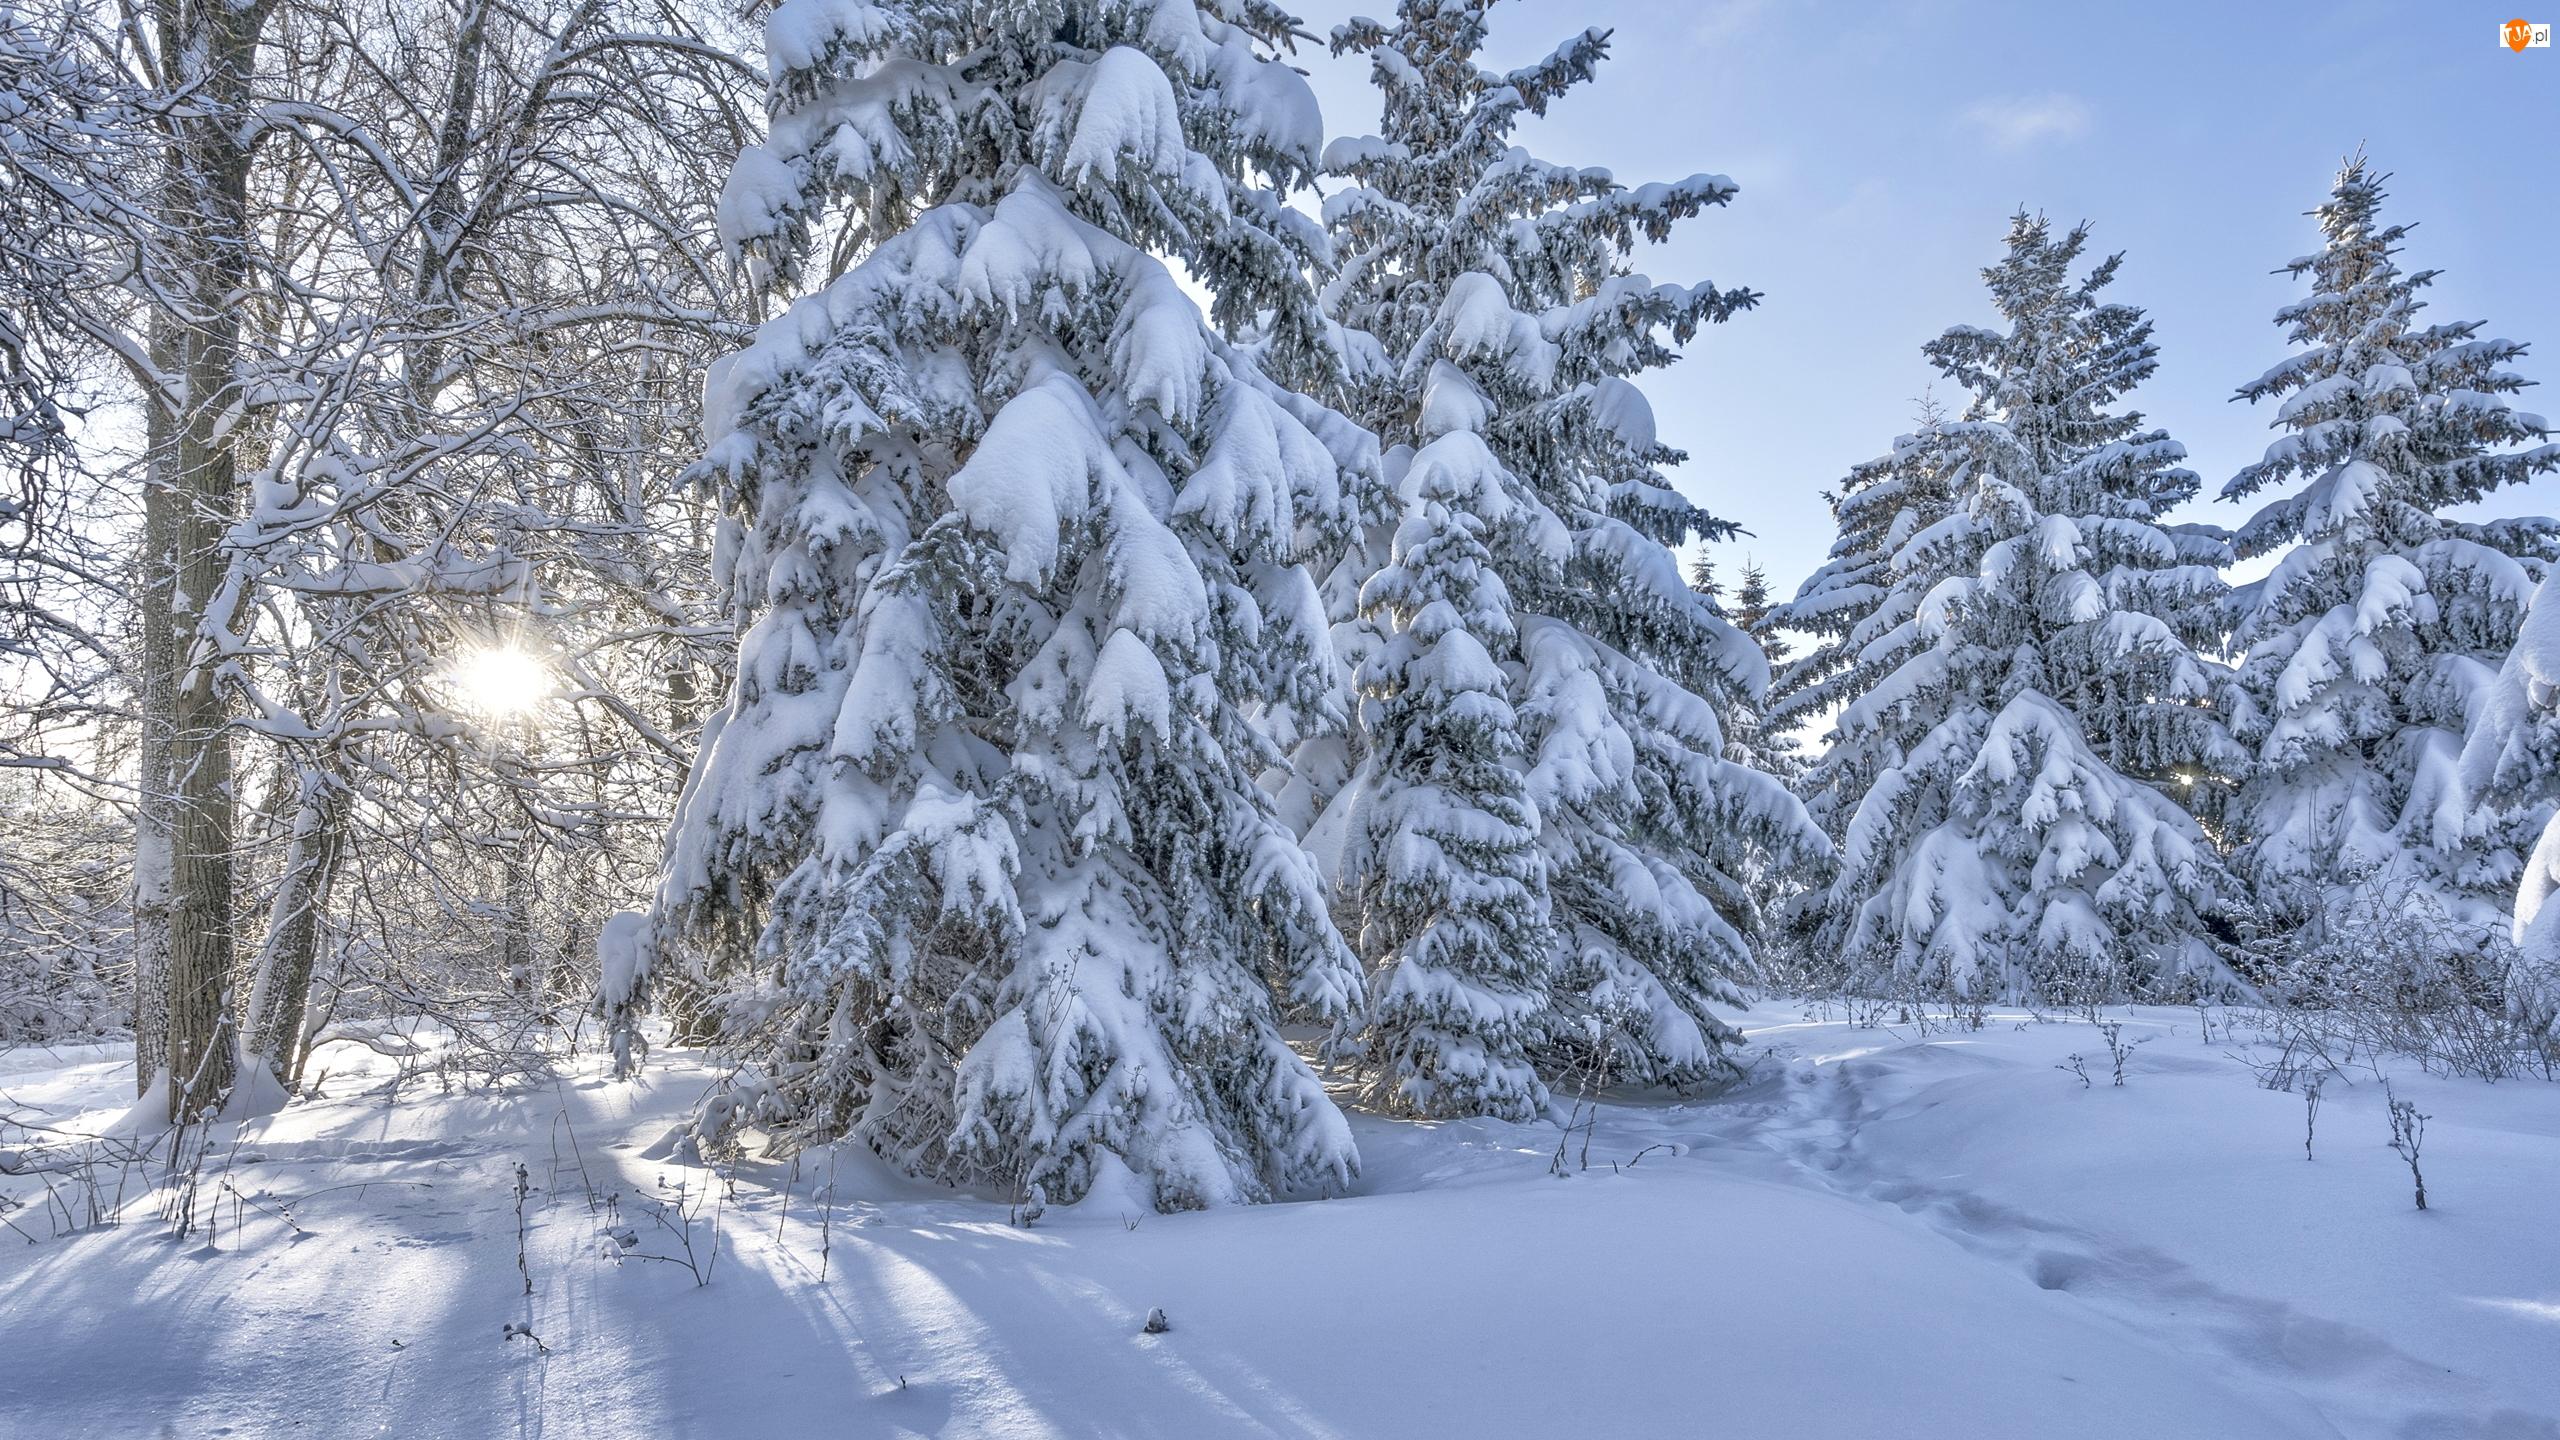 Ośnieżone, Las, Zima, Słońca, Drzewa, Światło